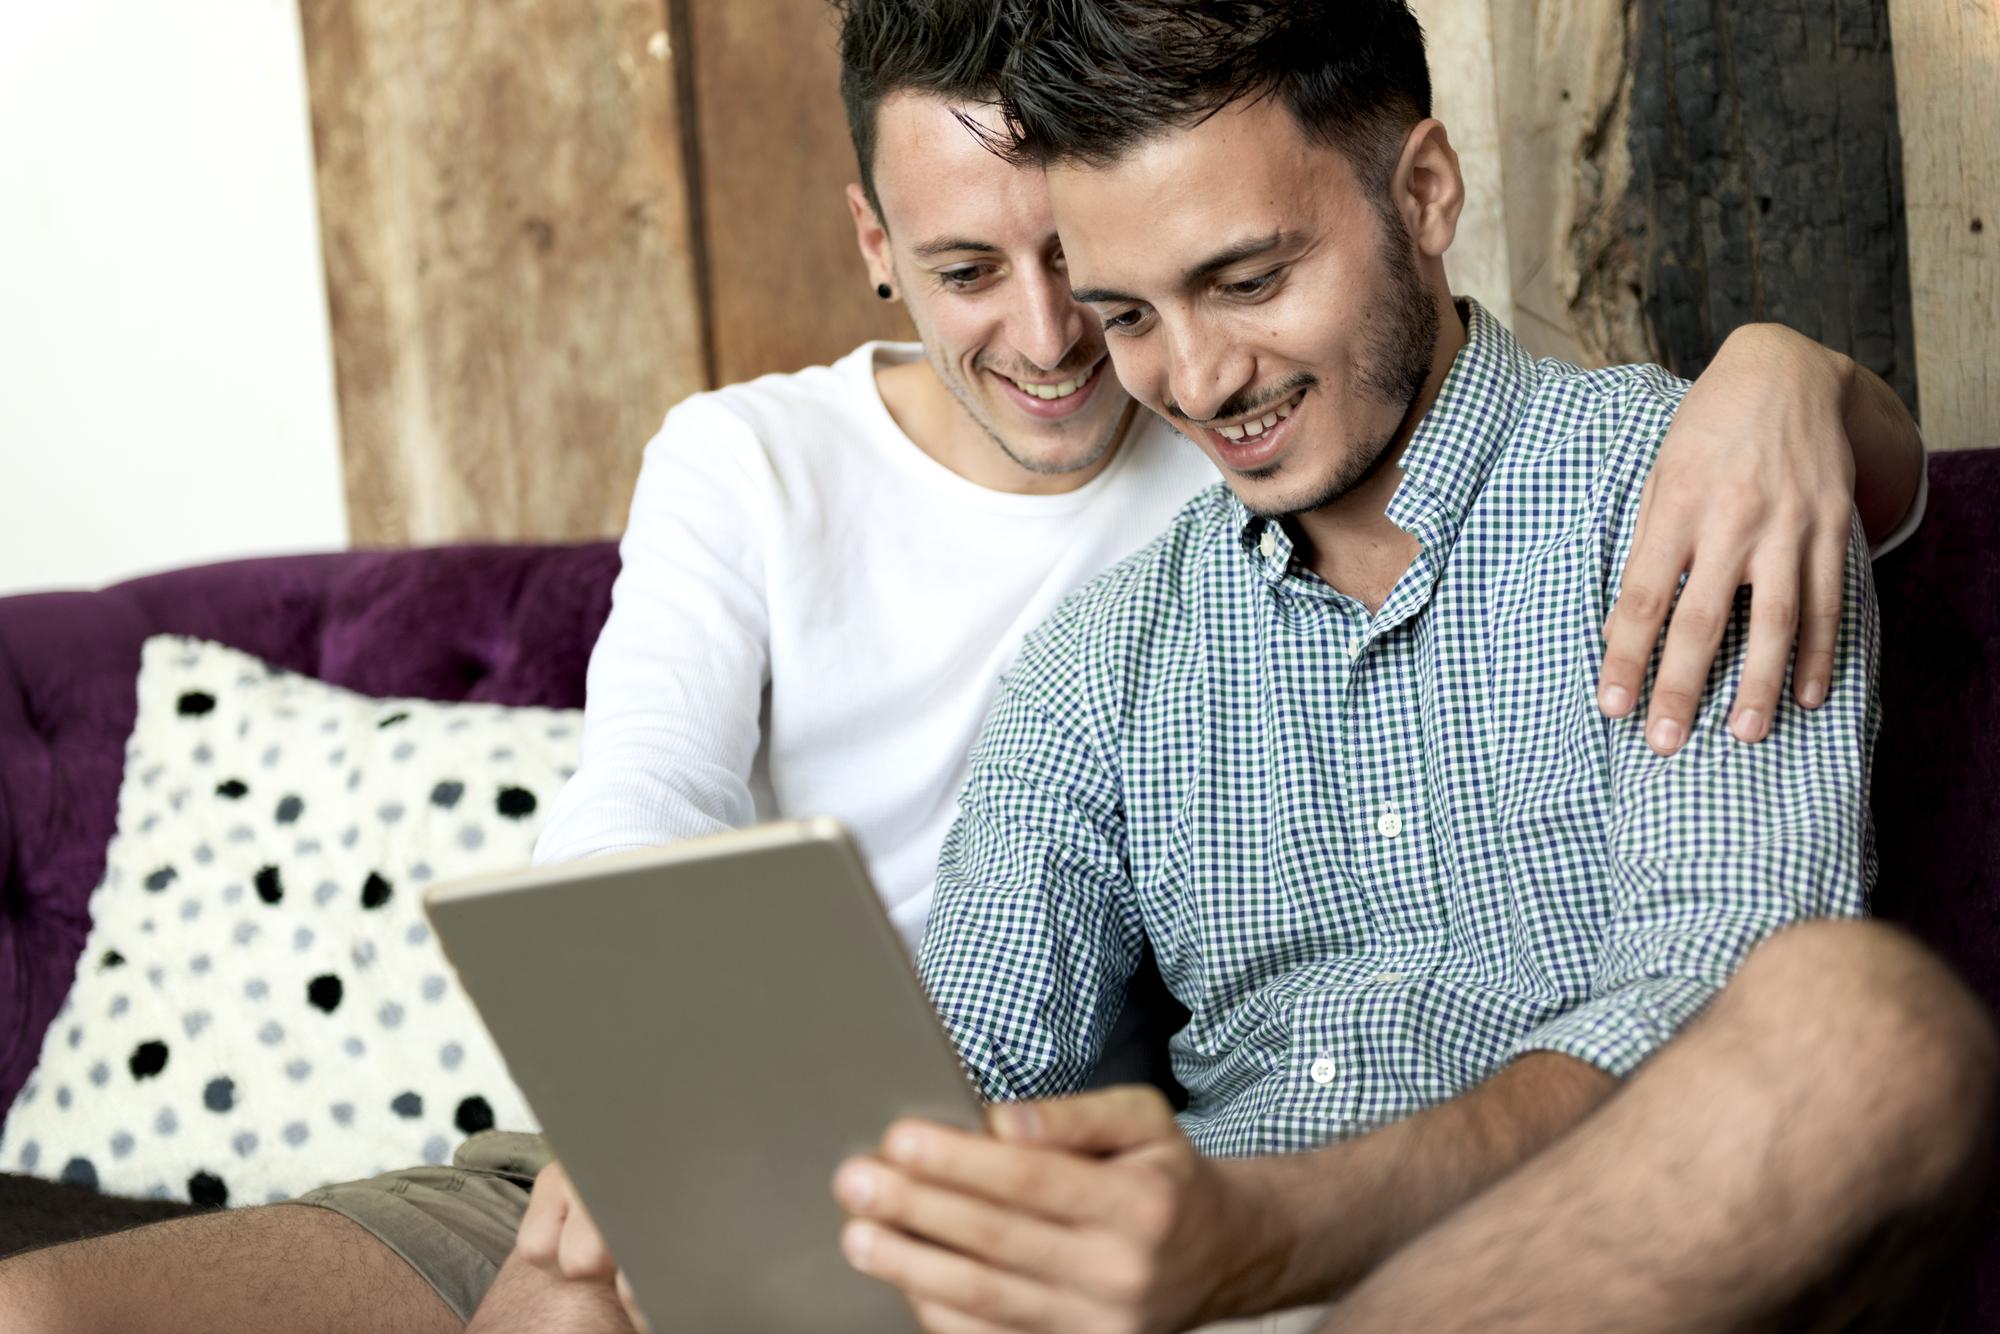 同性カップル調査[2] 家探しをする際、不動産会社にカミングアウトをする人は約3割